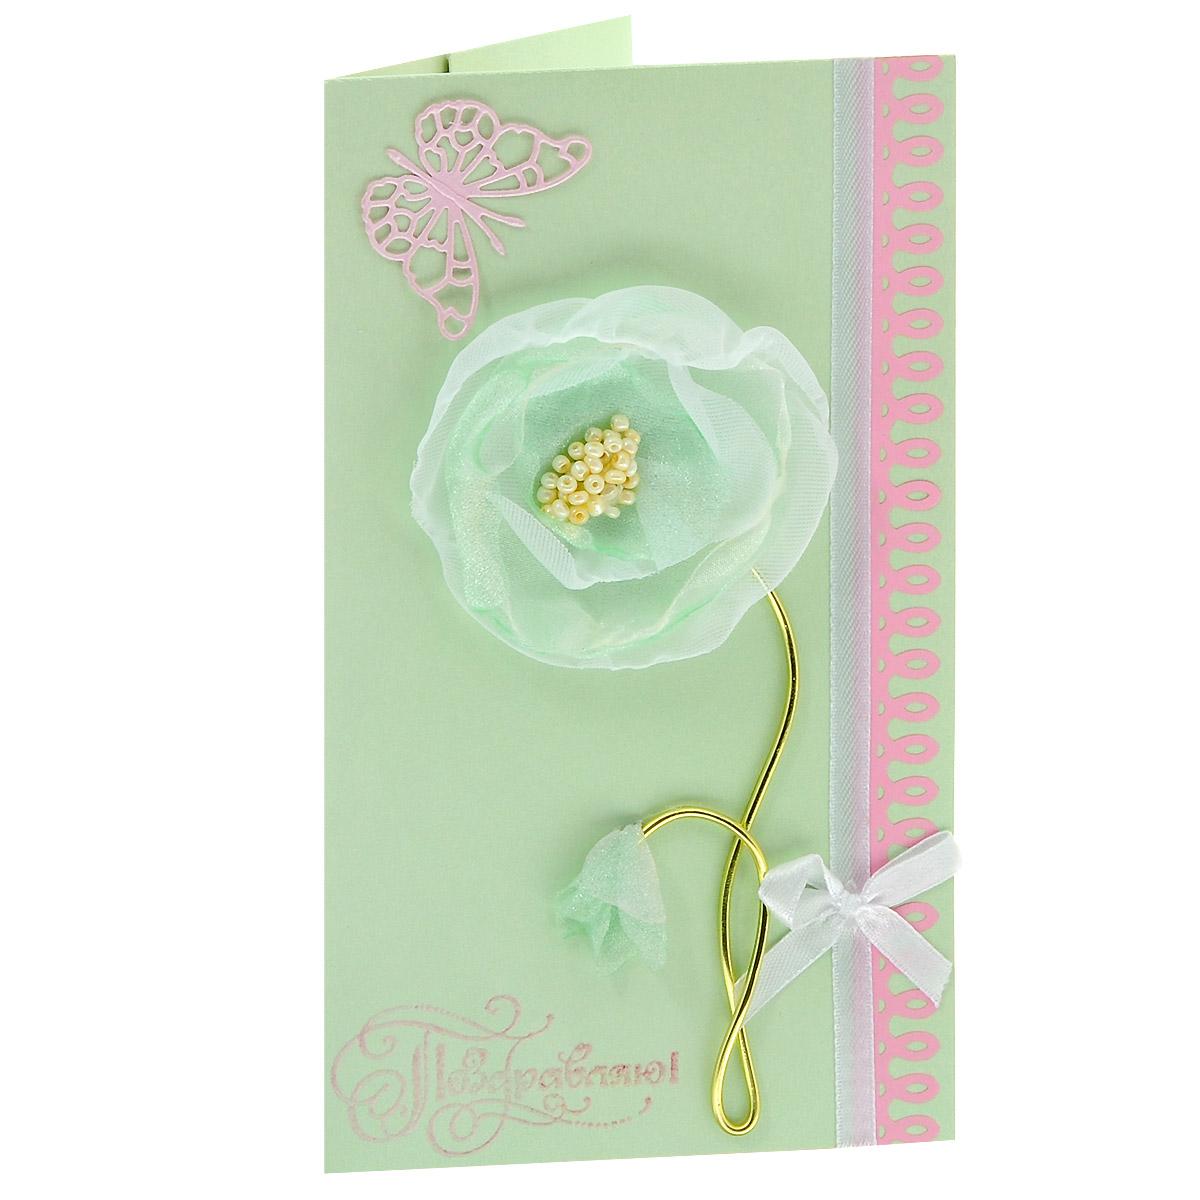 ОЖ-0012 Открытка-конверт «Поздравляю!» (мятная, текстильный цветок). Студия «Тётя Роза»95542Характеристики: Размер 19 см x 11 см.Материал: Высоко-художественный картон, бумага, декор. Данная открытка может стать как прекрасным дополнением к вашему подарку, так и самостоятельным подарком. Так как открытка является и конвертом, в который вы можете вложить ваш денежный подарок или просто написать ваши пожелания на вкладыше. Сочетание розового и мятного цветов в дизайне открытки наделяют это поздравление особым нежным трепетом и свежим восприятием. Стилизованный цветочек из тонкой шифоновой ткани выполнен и собран вручную. Крылья бабочки трепещут от движения воздуха и отбрасывают тень на фон. Также открытка упакована в пакетик для сохранности.Обращаем Ваше внимание на то, что открытка может незначительно отличаться от представленной на фото.Открытки ручной работы от студии Тётя Роза отличаются своим неповторимым и ярким стилем. Каждая уникальна и выполнена вручную мастерами студии. (Открытка для мужчин, открытка для женщины, открытка на день рождения, открытка с днем свадьбы, открытка винтаж, открытка с юбилеем, открытка на все случаи, скрапбукинг)